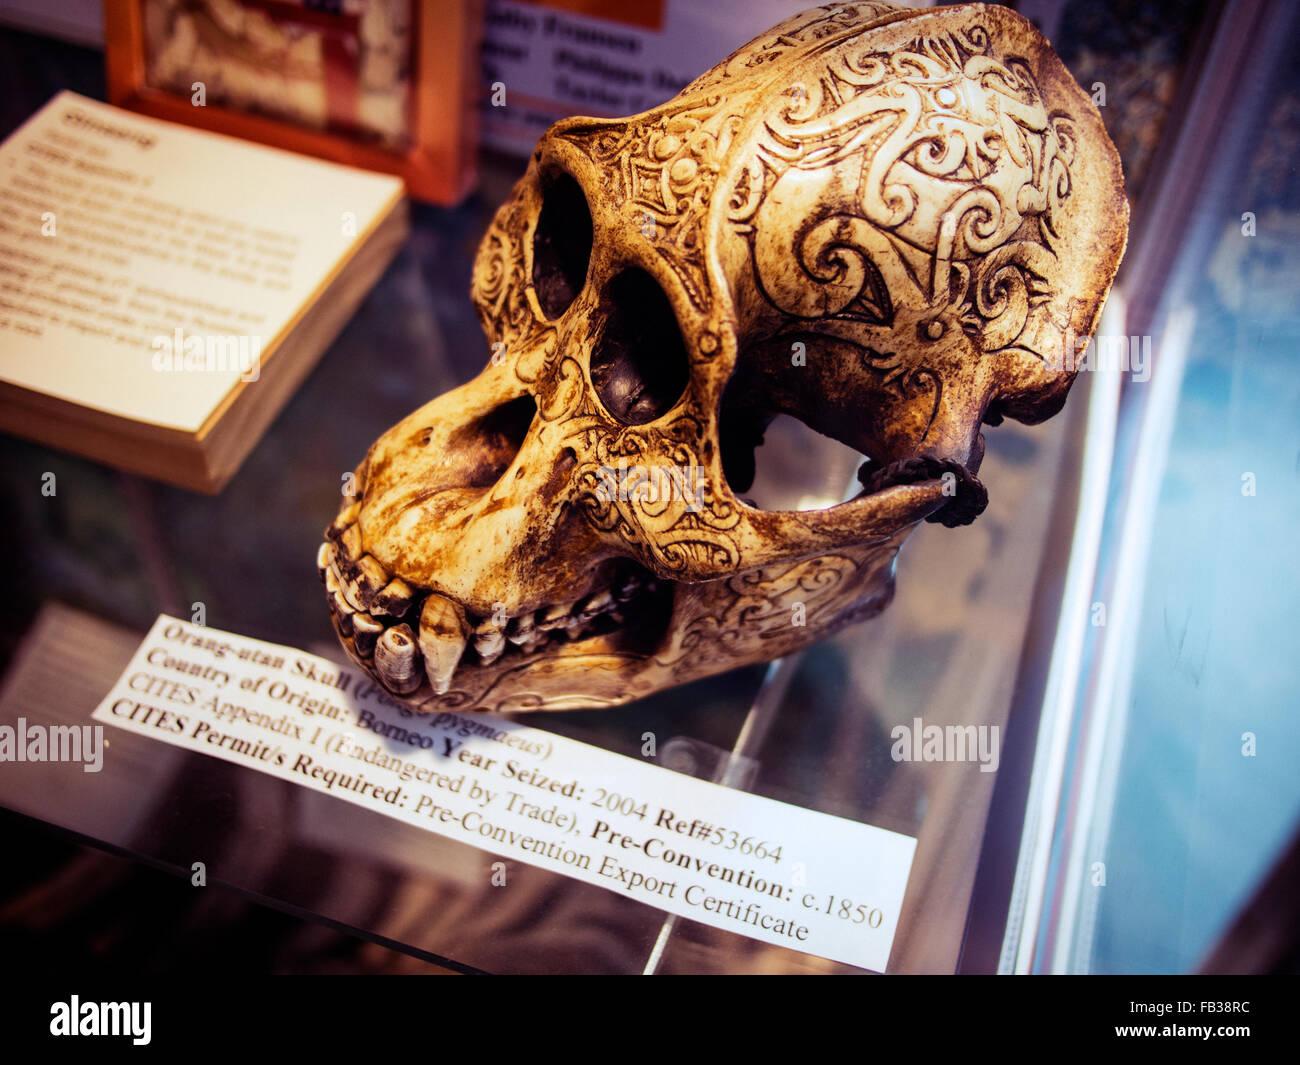 Crâne de l'orang-outan saisis par les douanes à l'importation illégale de la Nouvelle-Zélande Banque D'Images